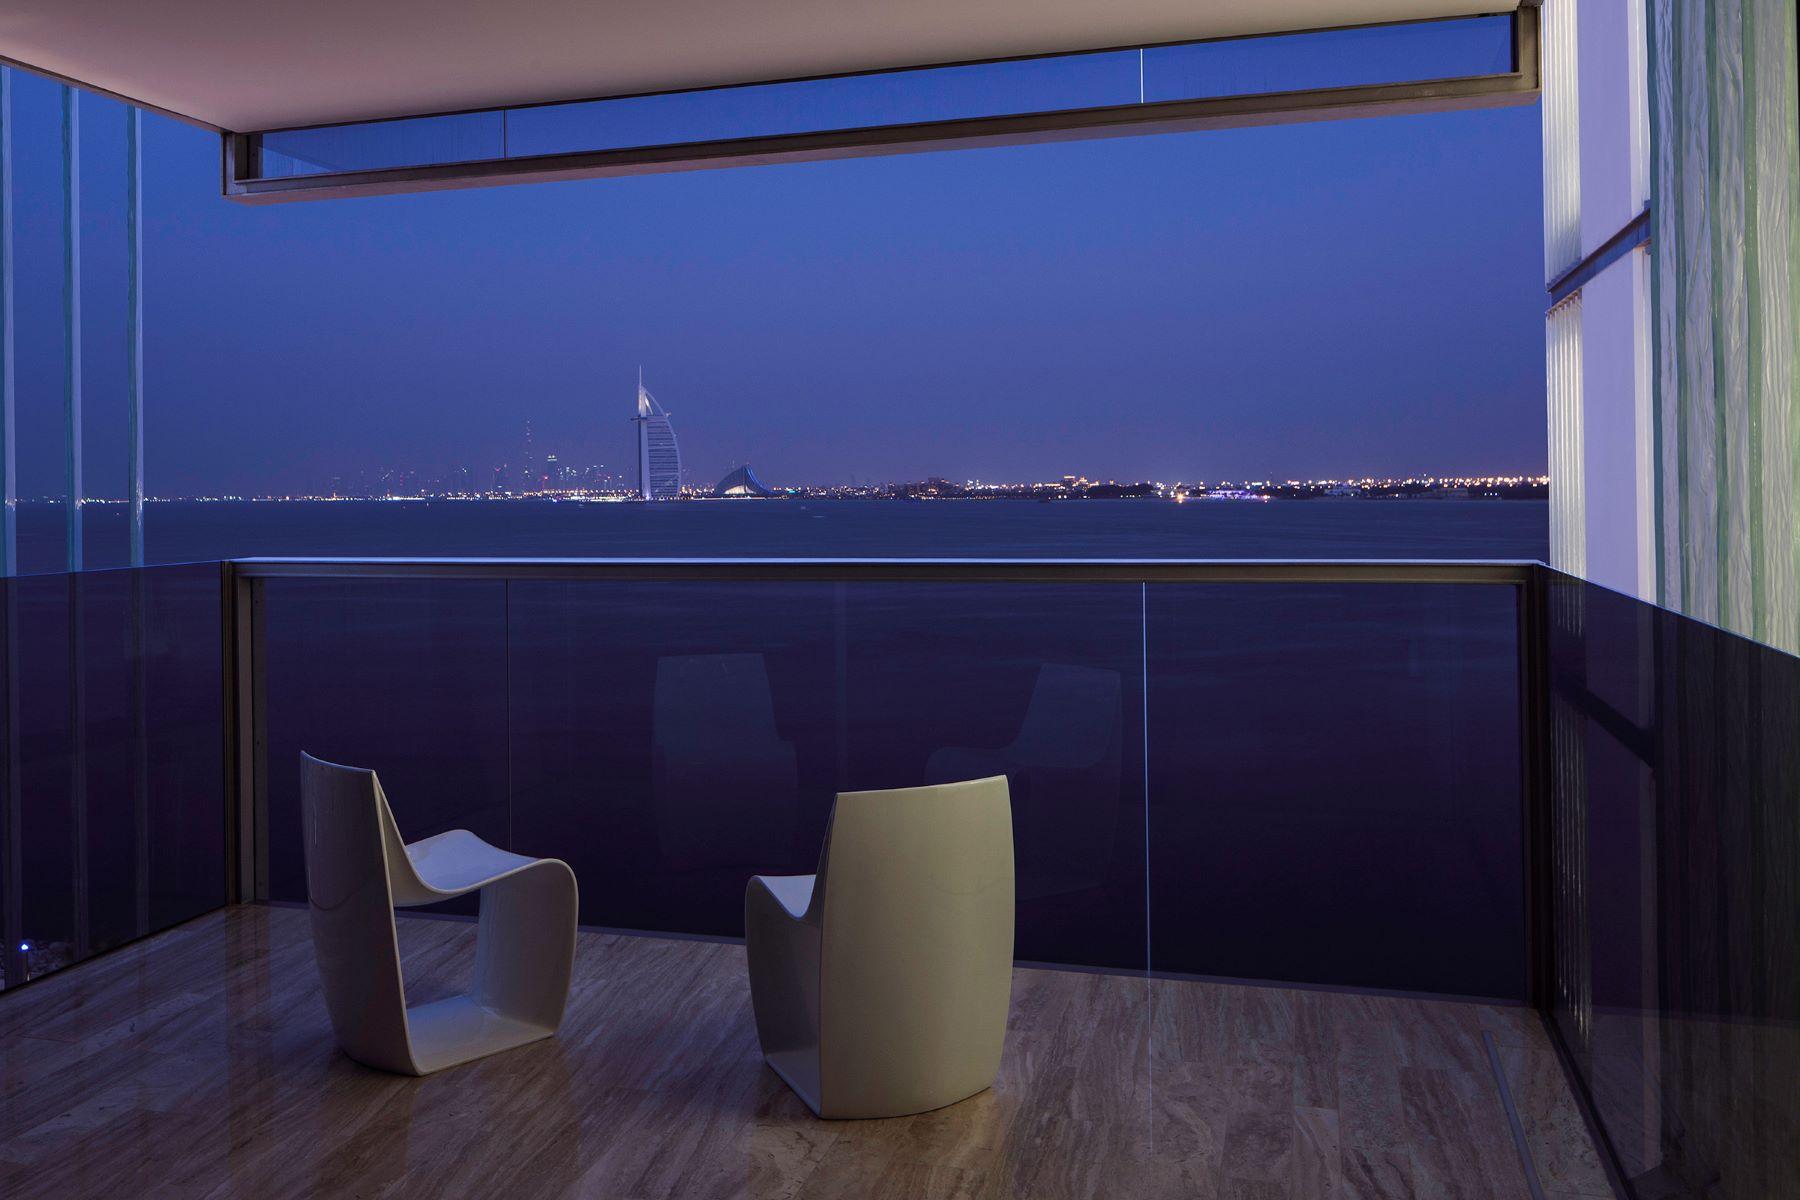 Квартира для того Продажа на Muraba Palm Jumeriah, Dubai, Объединенные Арабские Эмираты